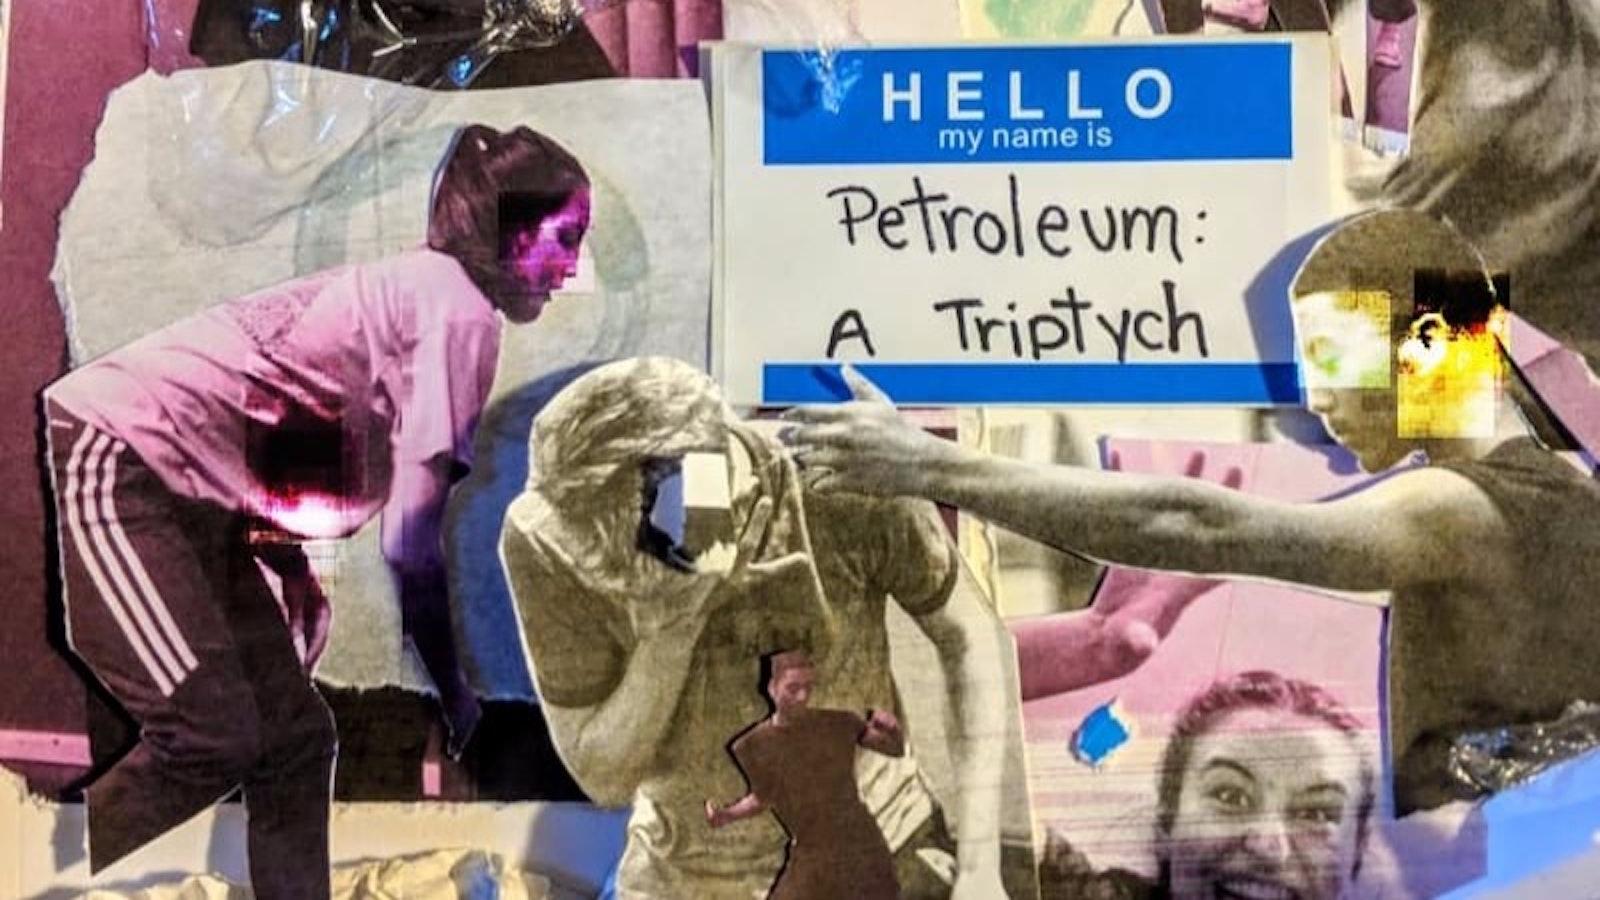 Petroleum: A Triptych